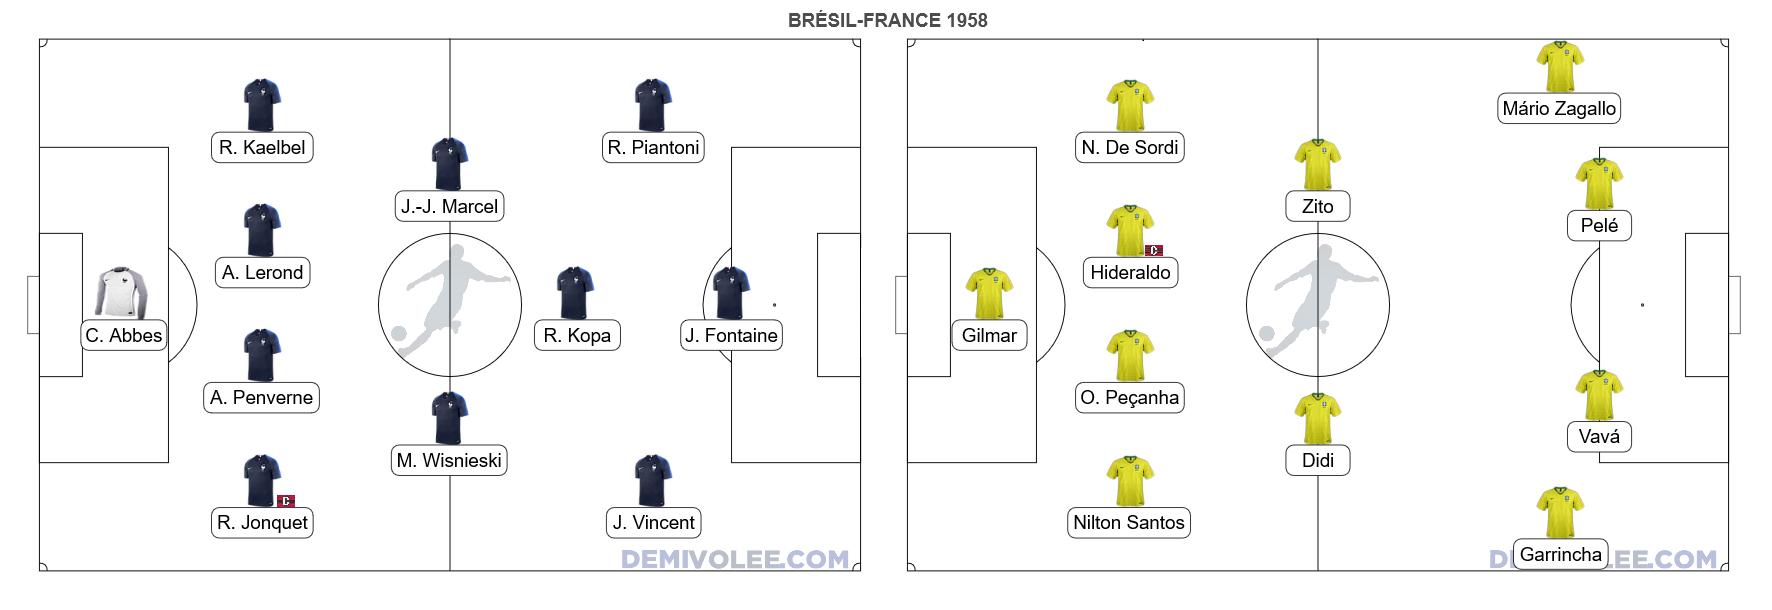 Brésil-France 1958